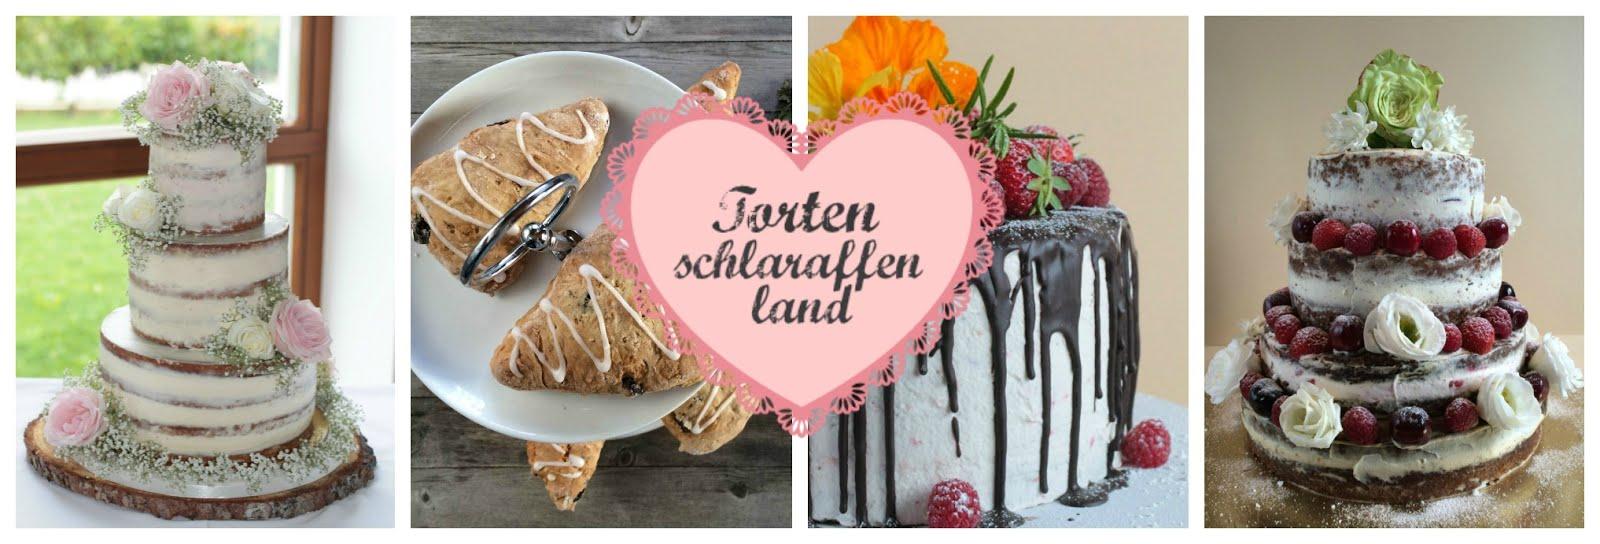 Tortenschlaraffenland